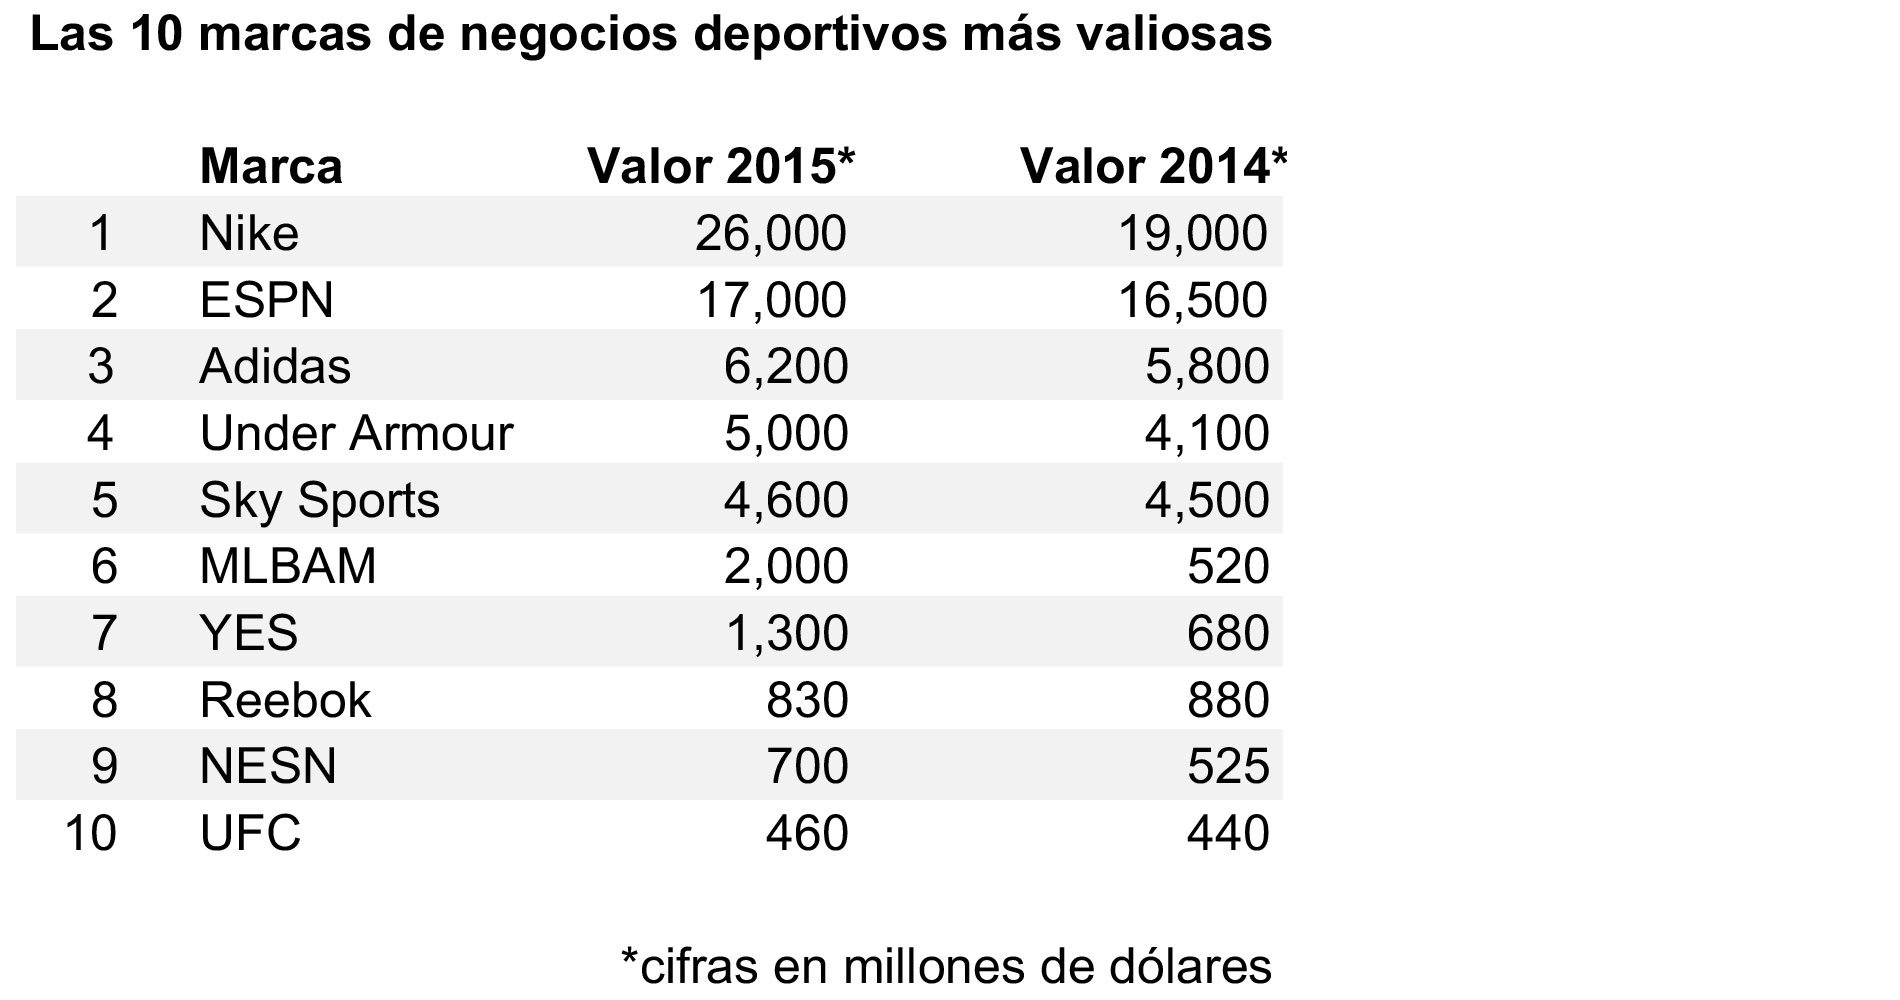 209cc8a1143 Las 40 marcas deportivas más valiosas del mundo • Forbes México